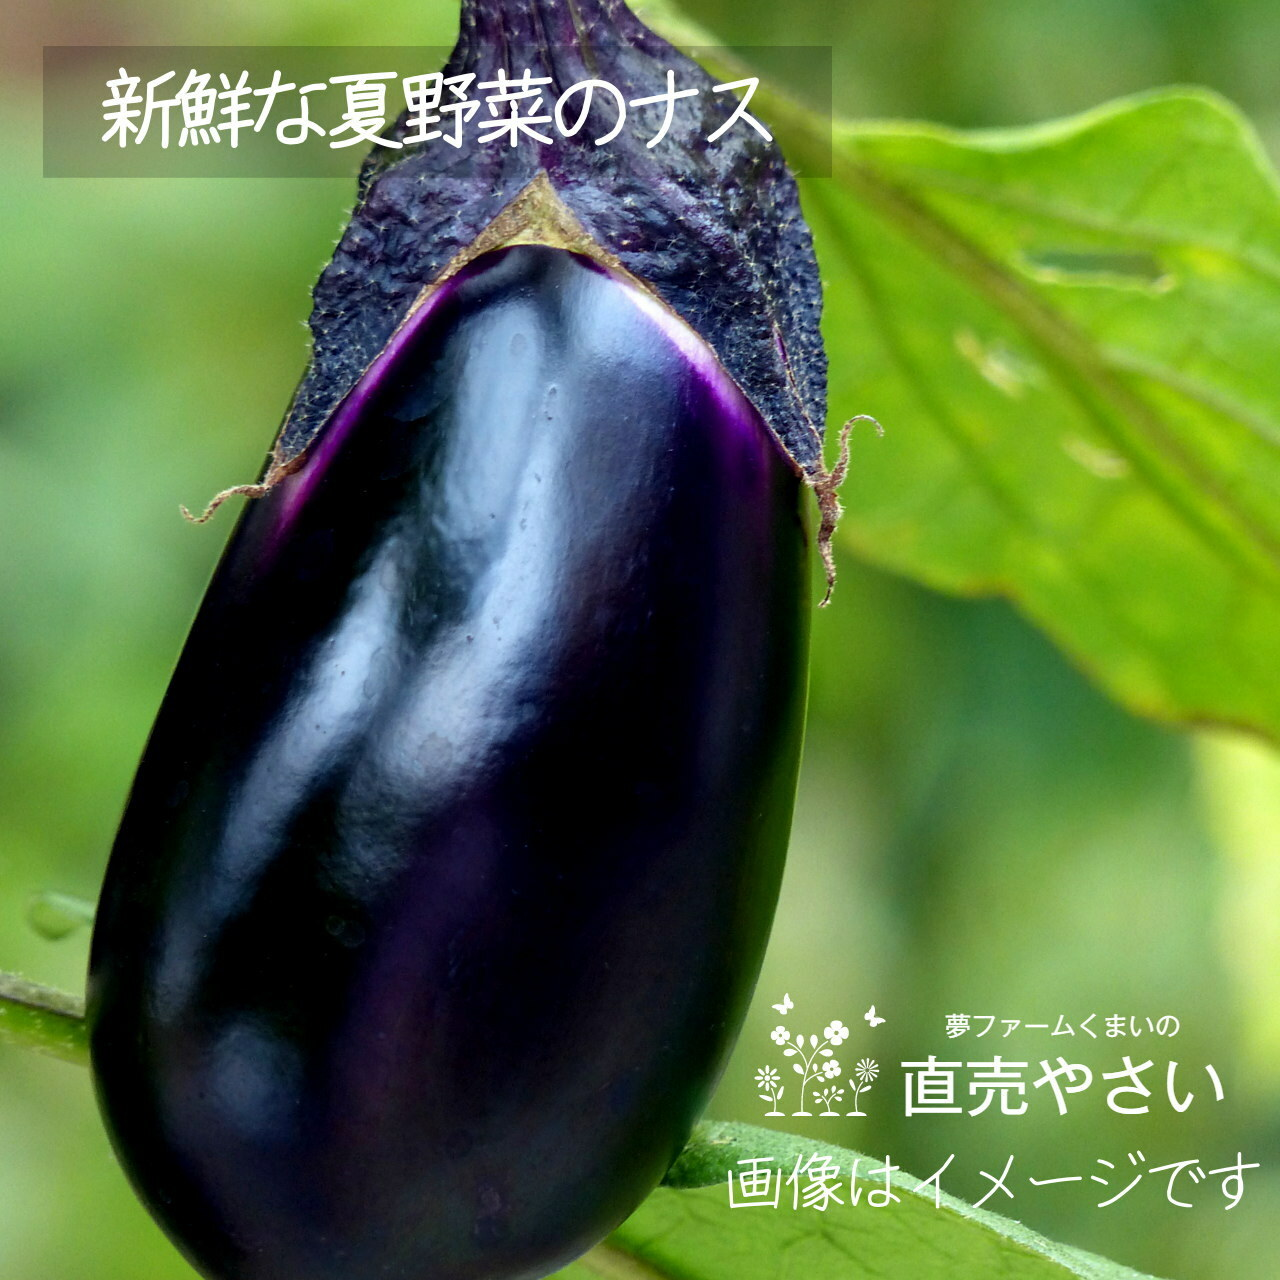 8月の朝採り直売野菜 : ナス 約350g 8月の新鮮な夏野菜 8月10日発送予定